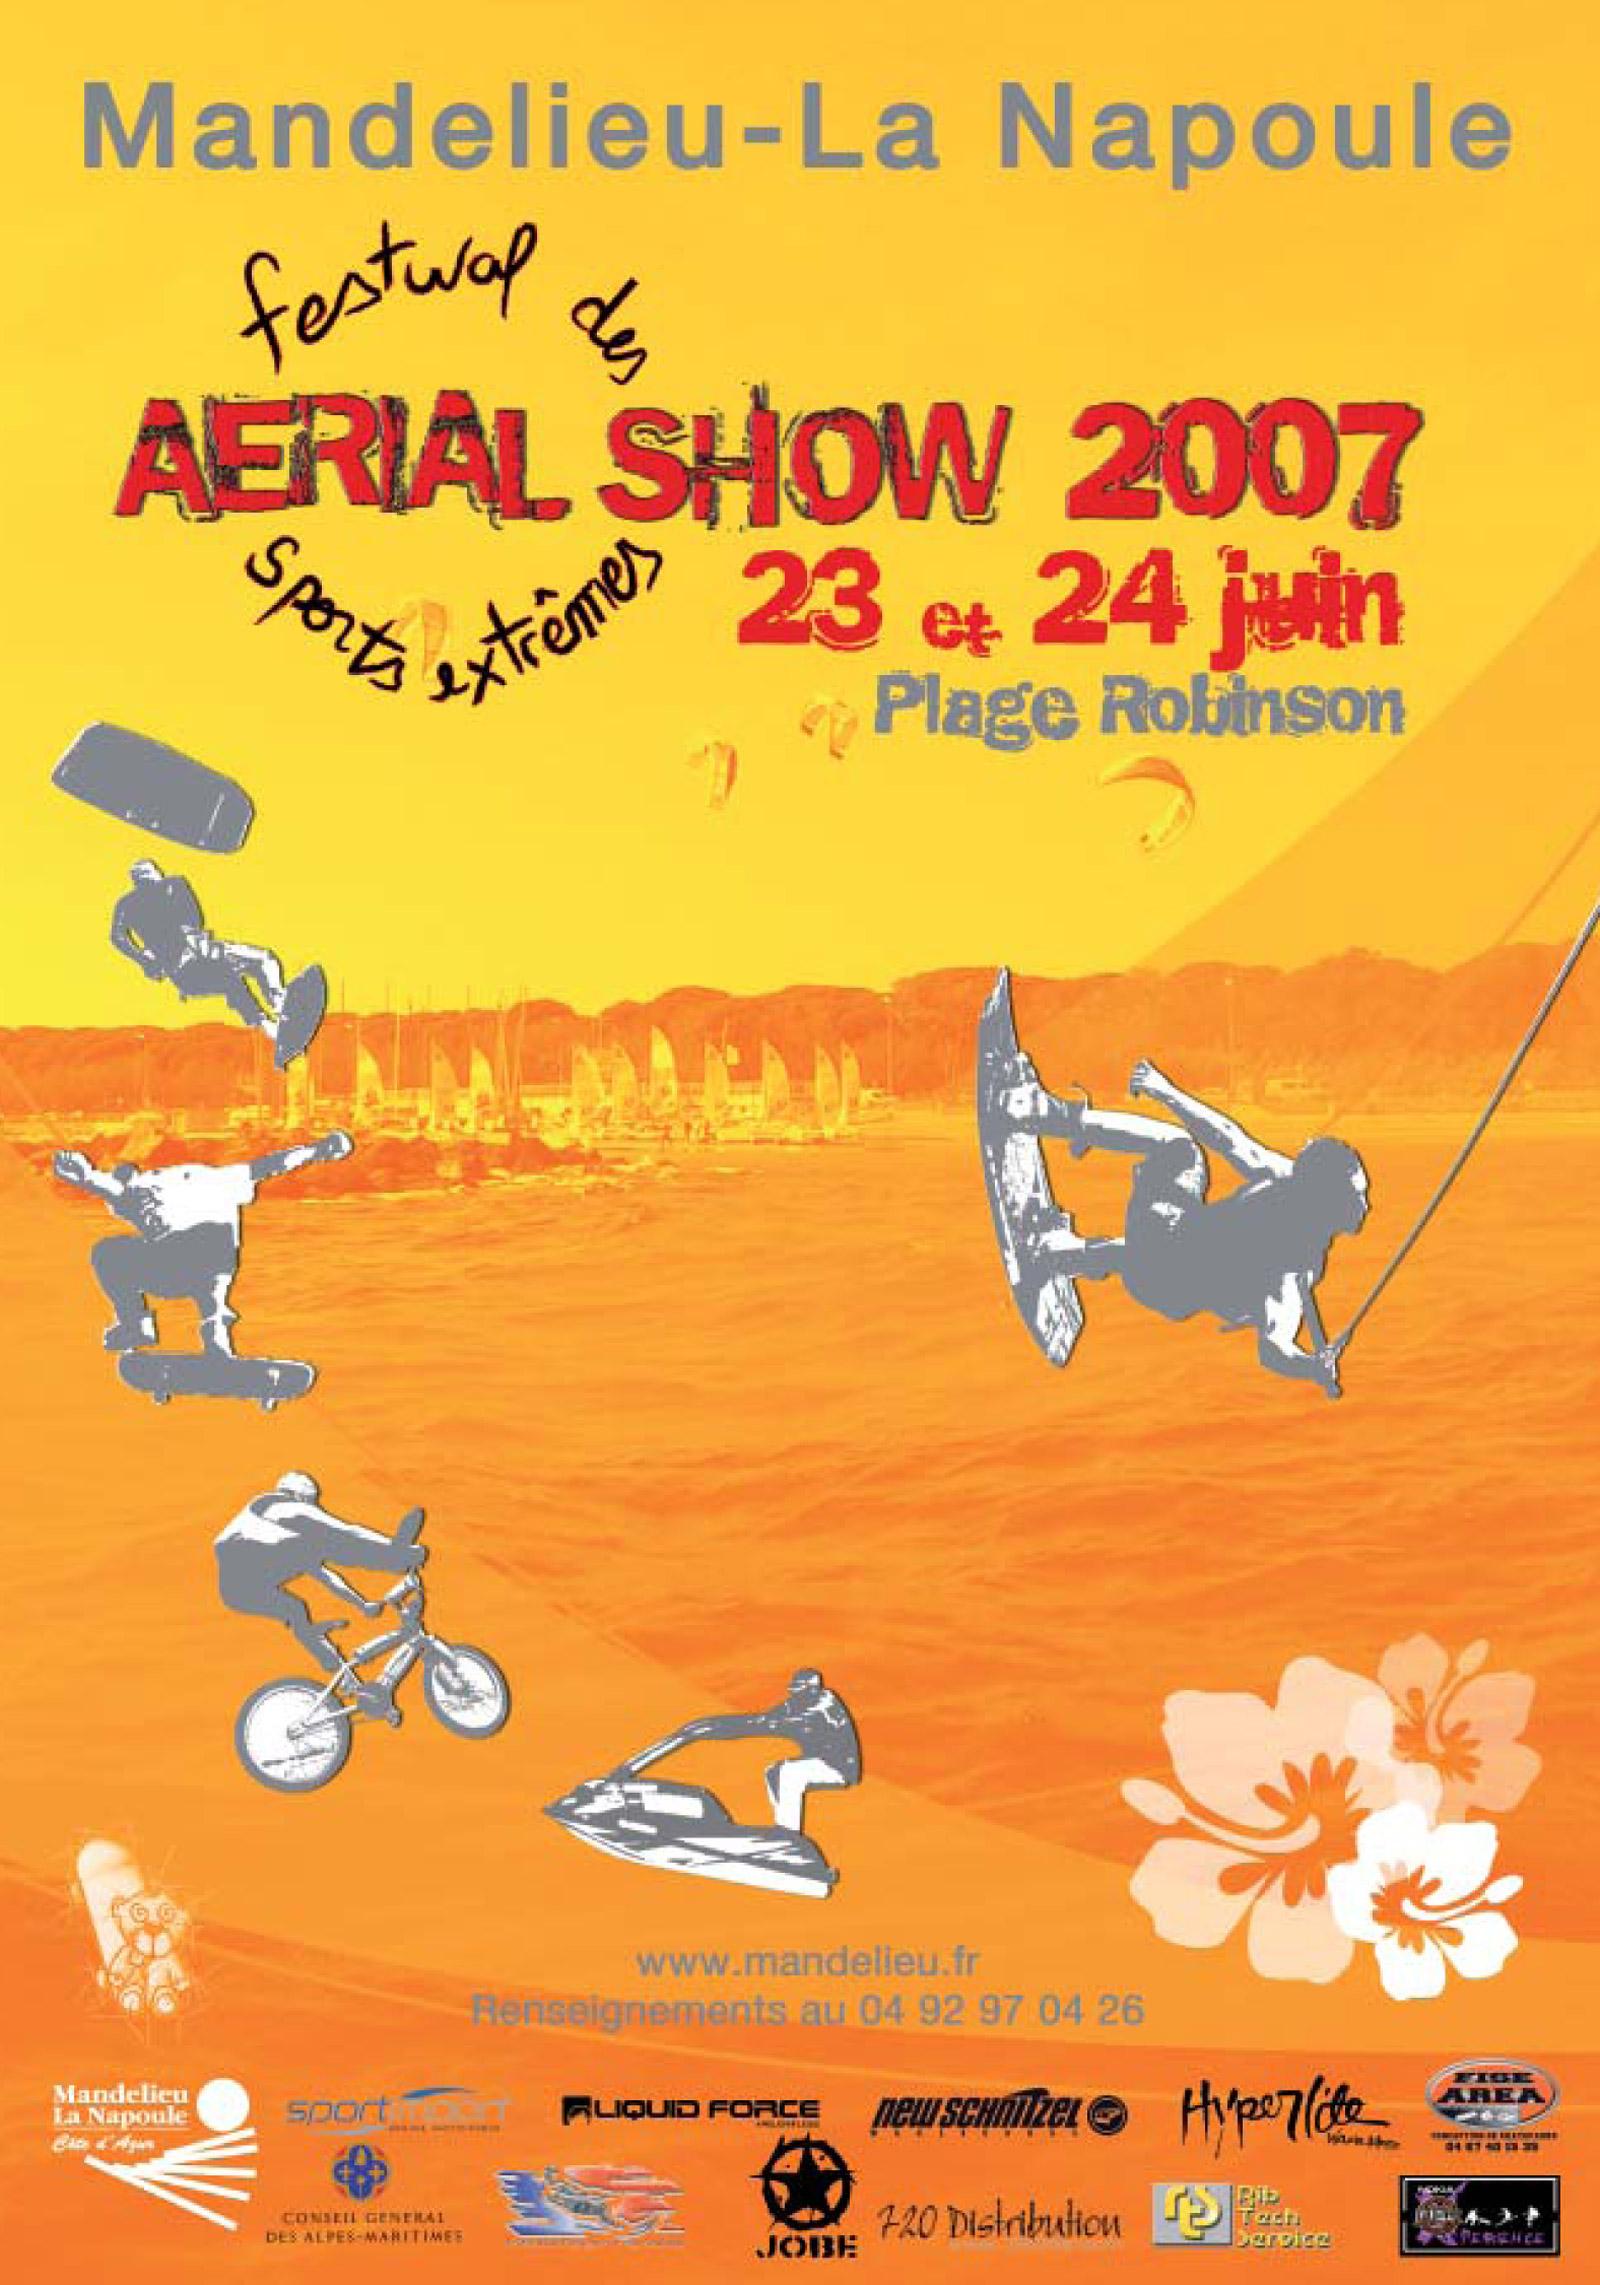 Affiche AERIAL SHOW 2007, Festival des sports extrêmes à Mandelieu